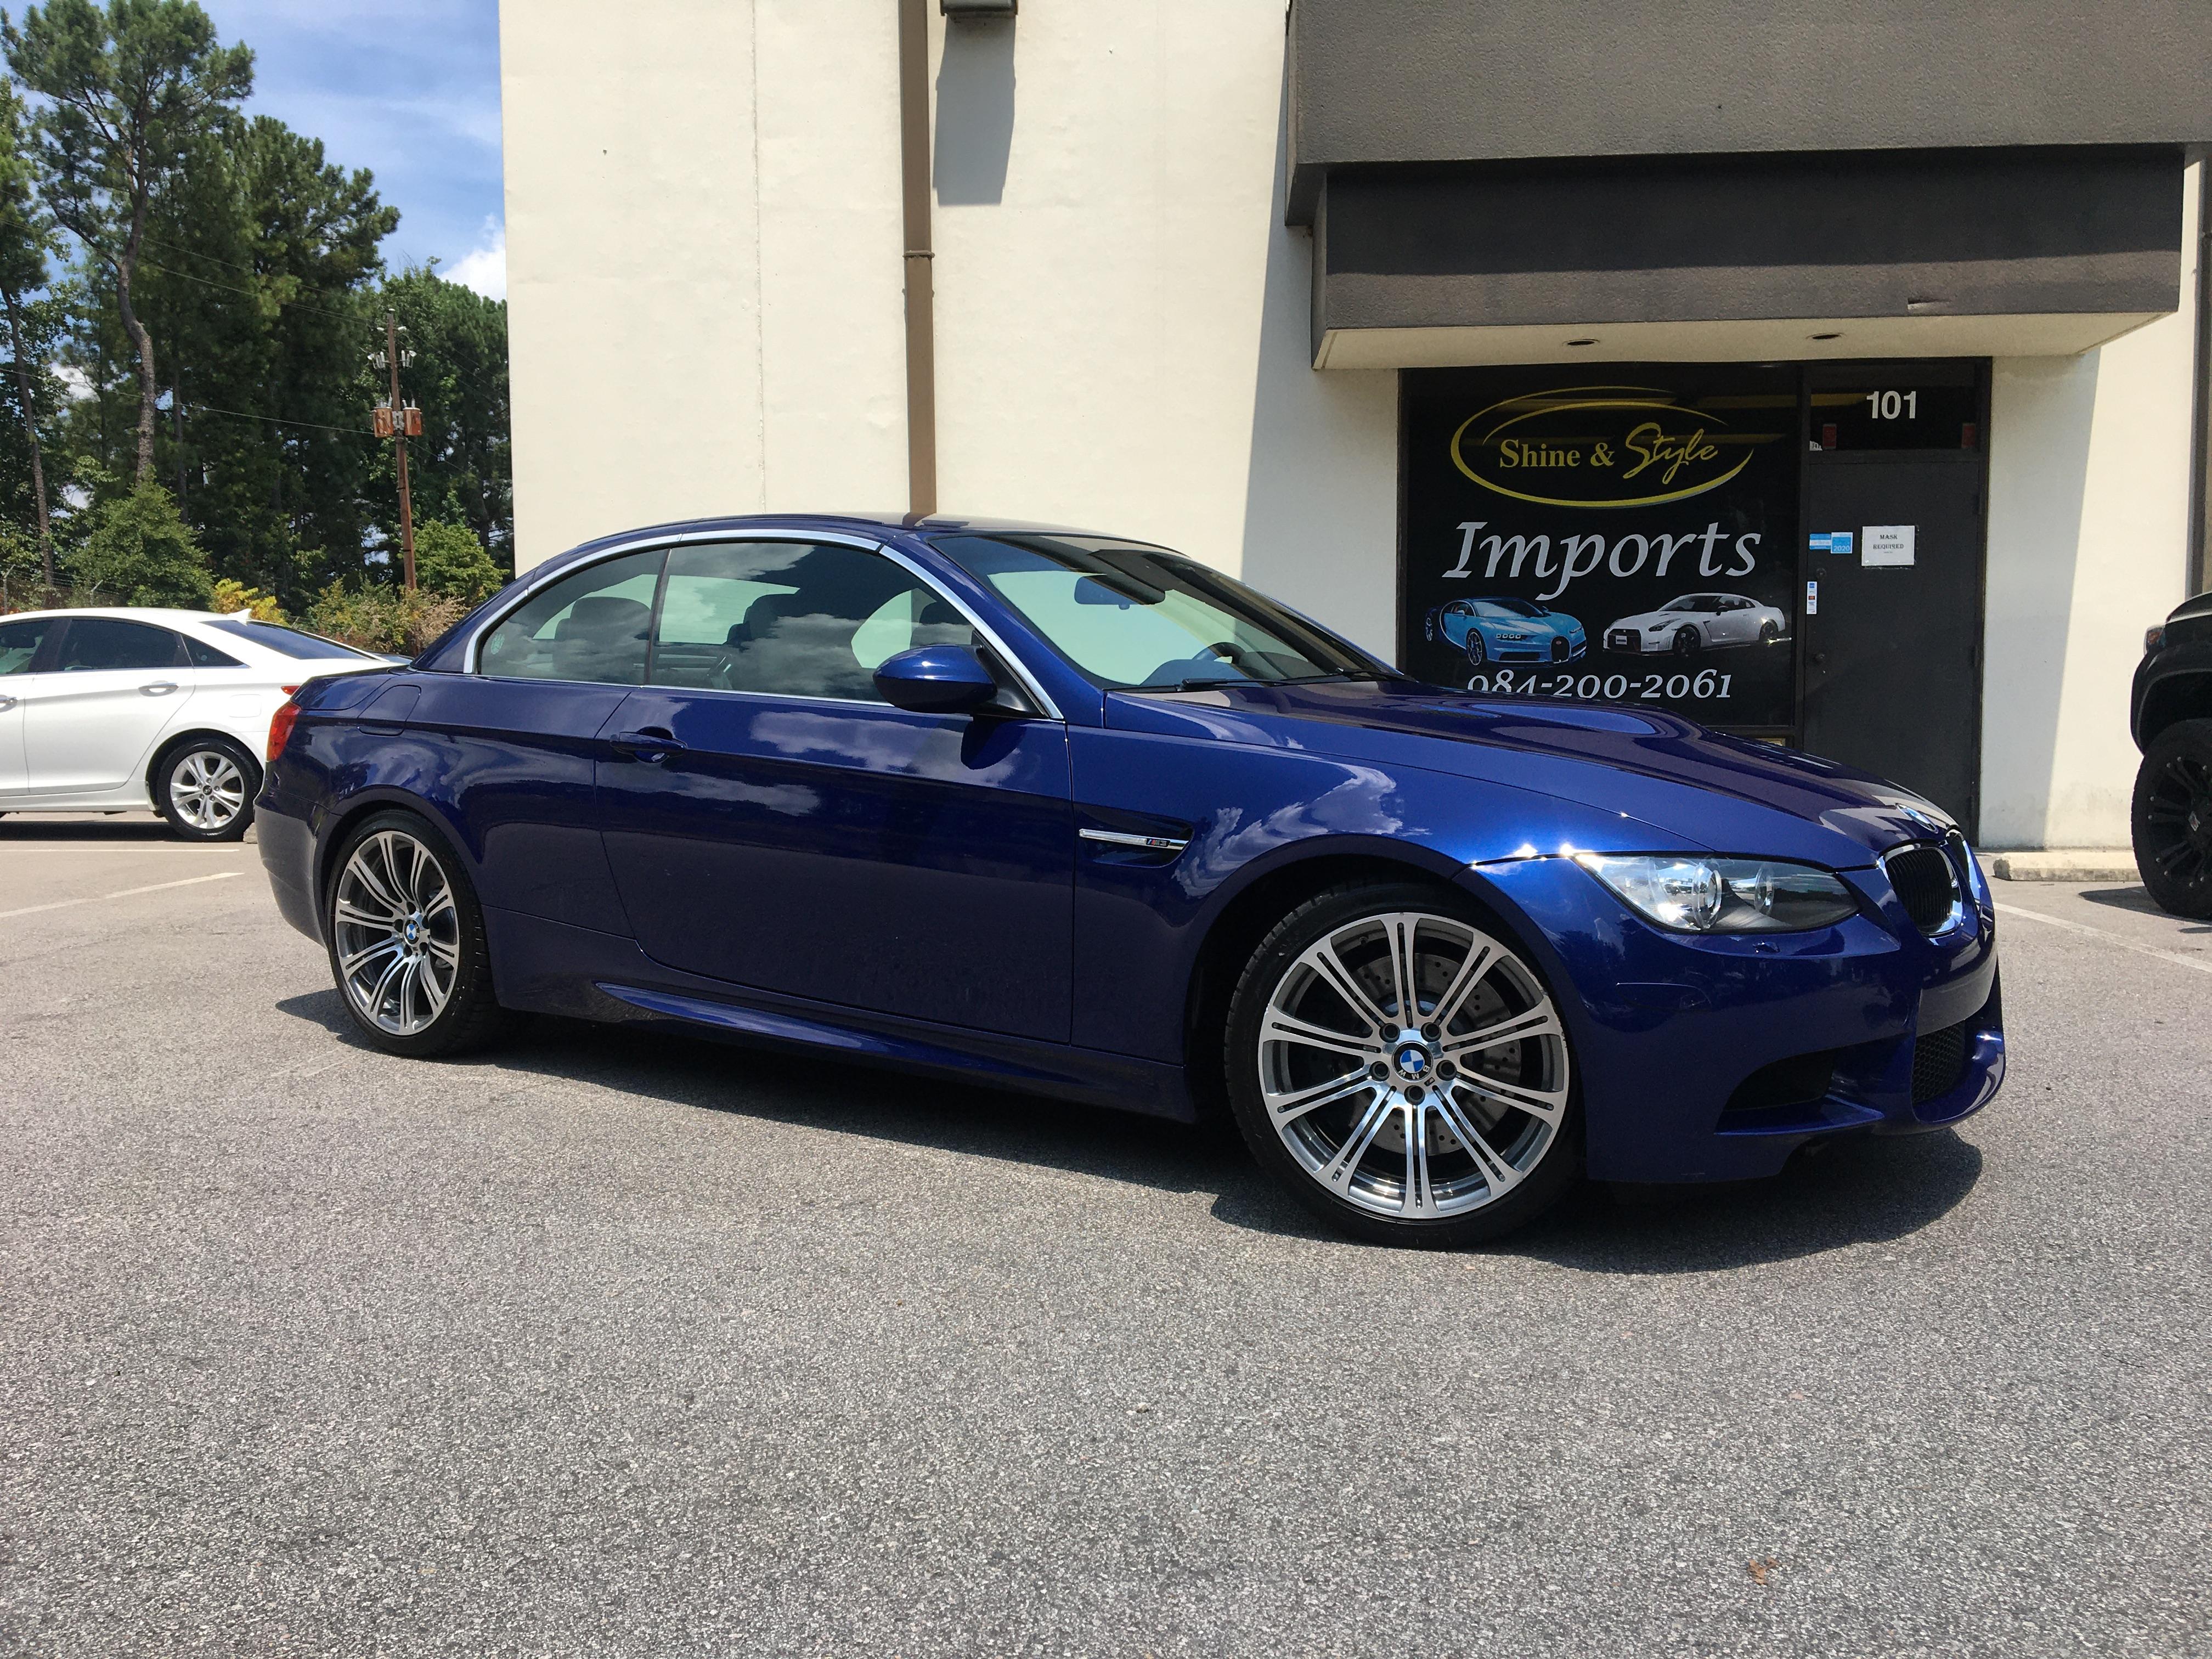 BMW M3 Paint Correction